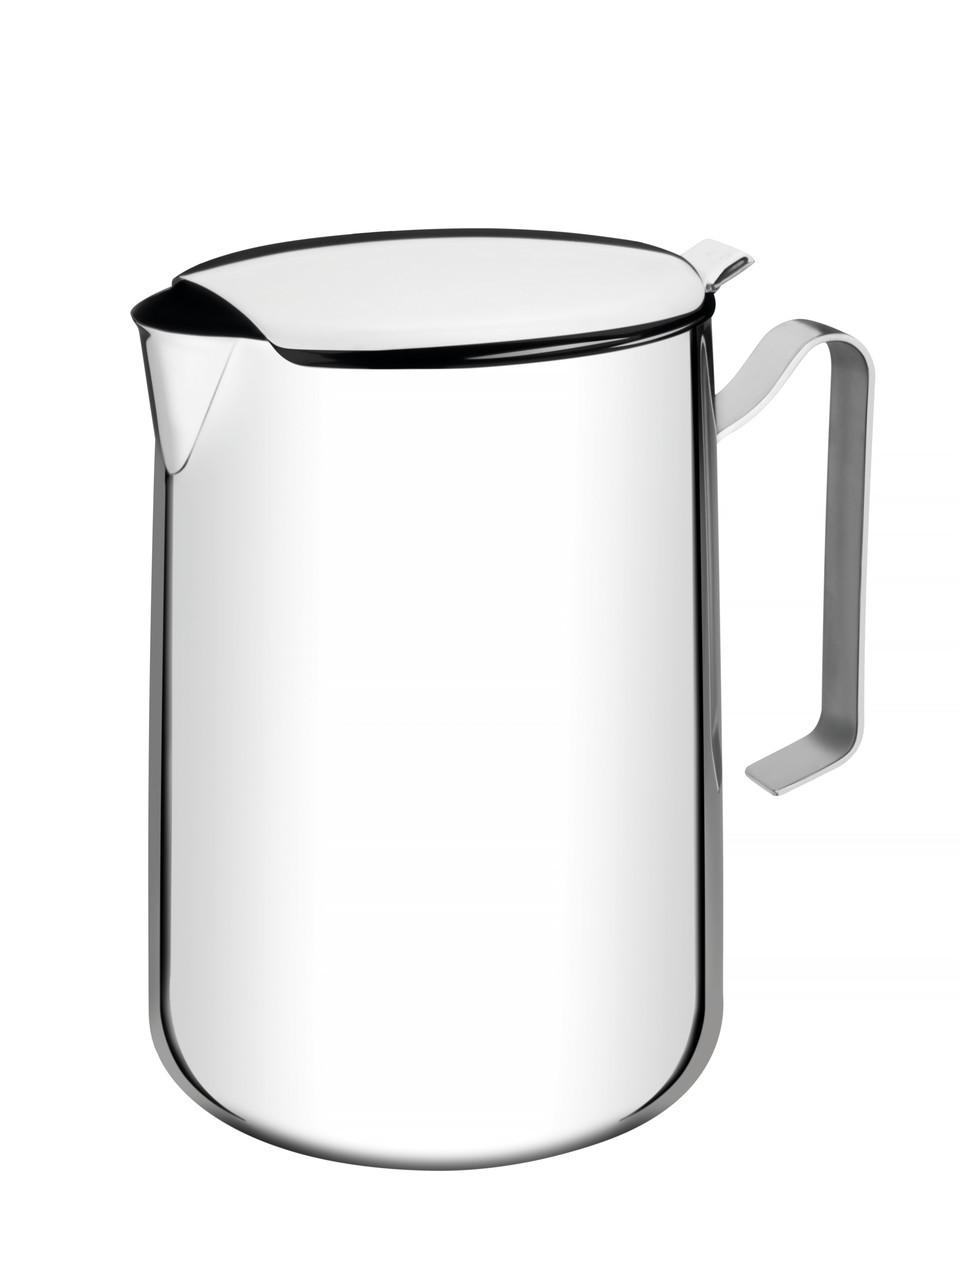 Чайник сервировочный стальной 2,7л 61435/140 Continental Tramontina